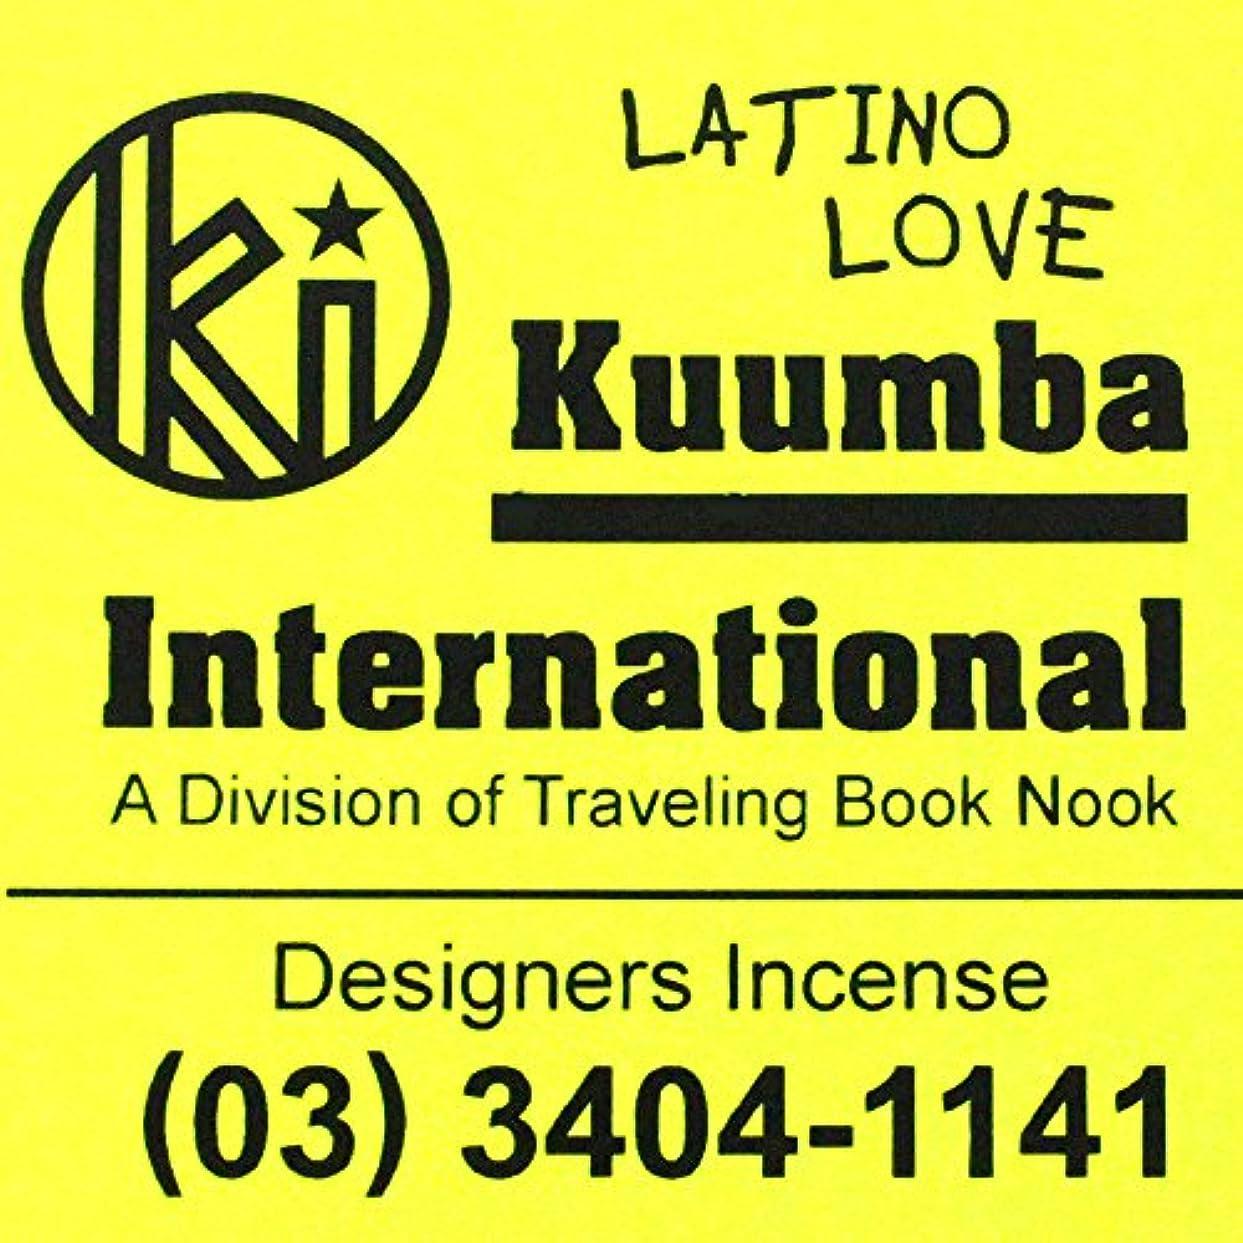 ソロ電信図(クンバ) KUUMBA『incense』(LATINO LOVE) (Regular size)